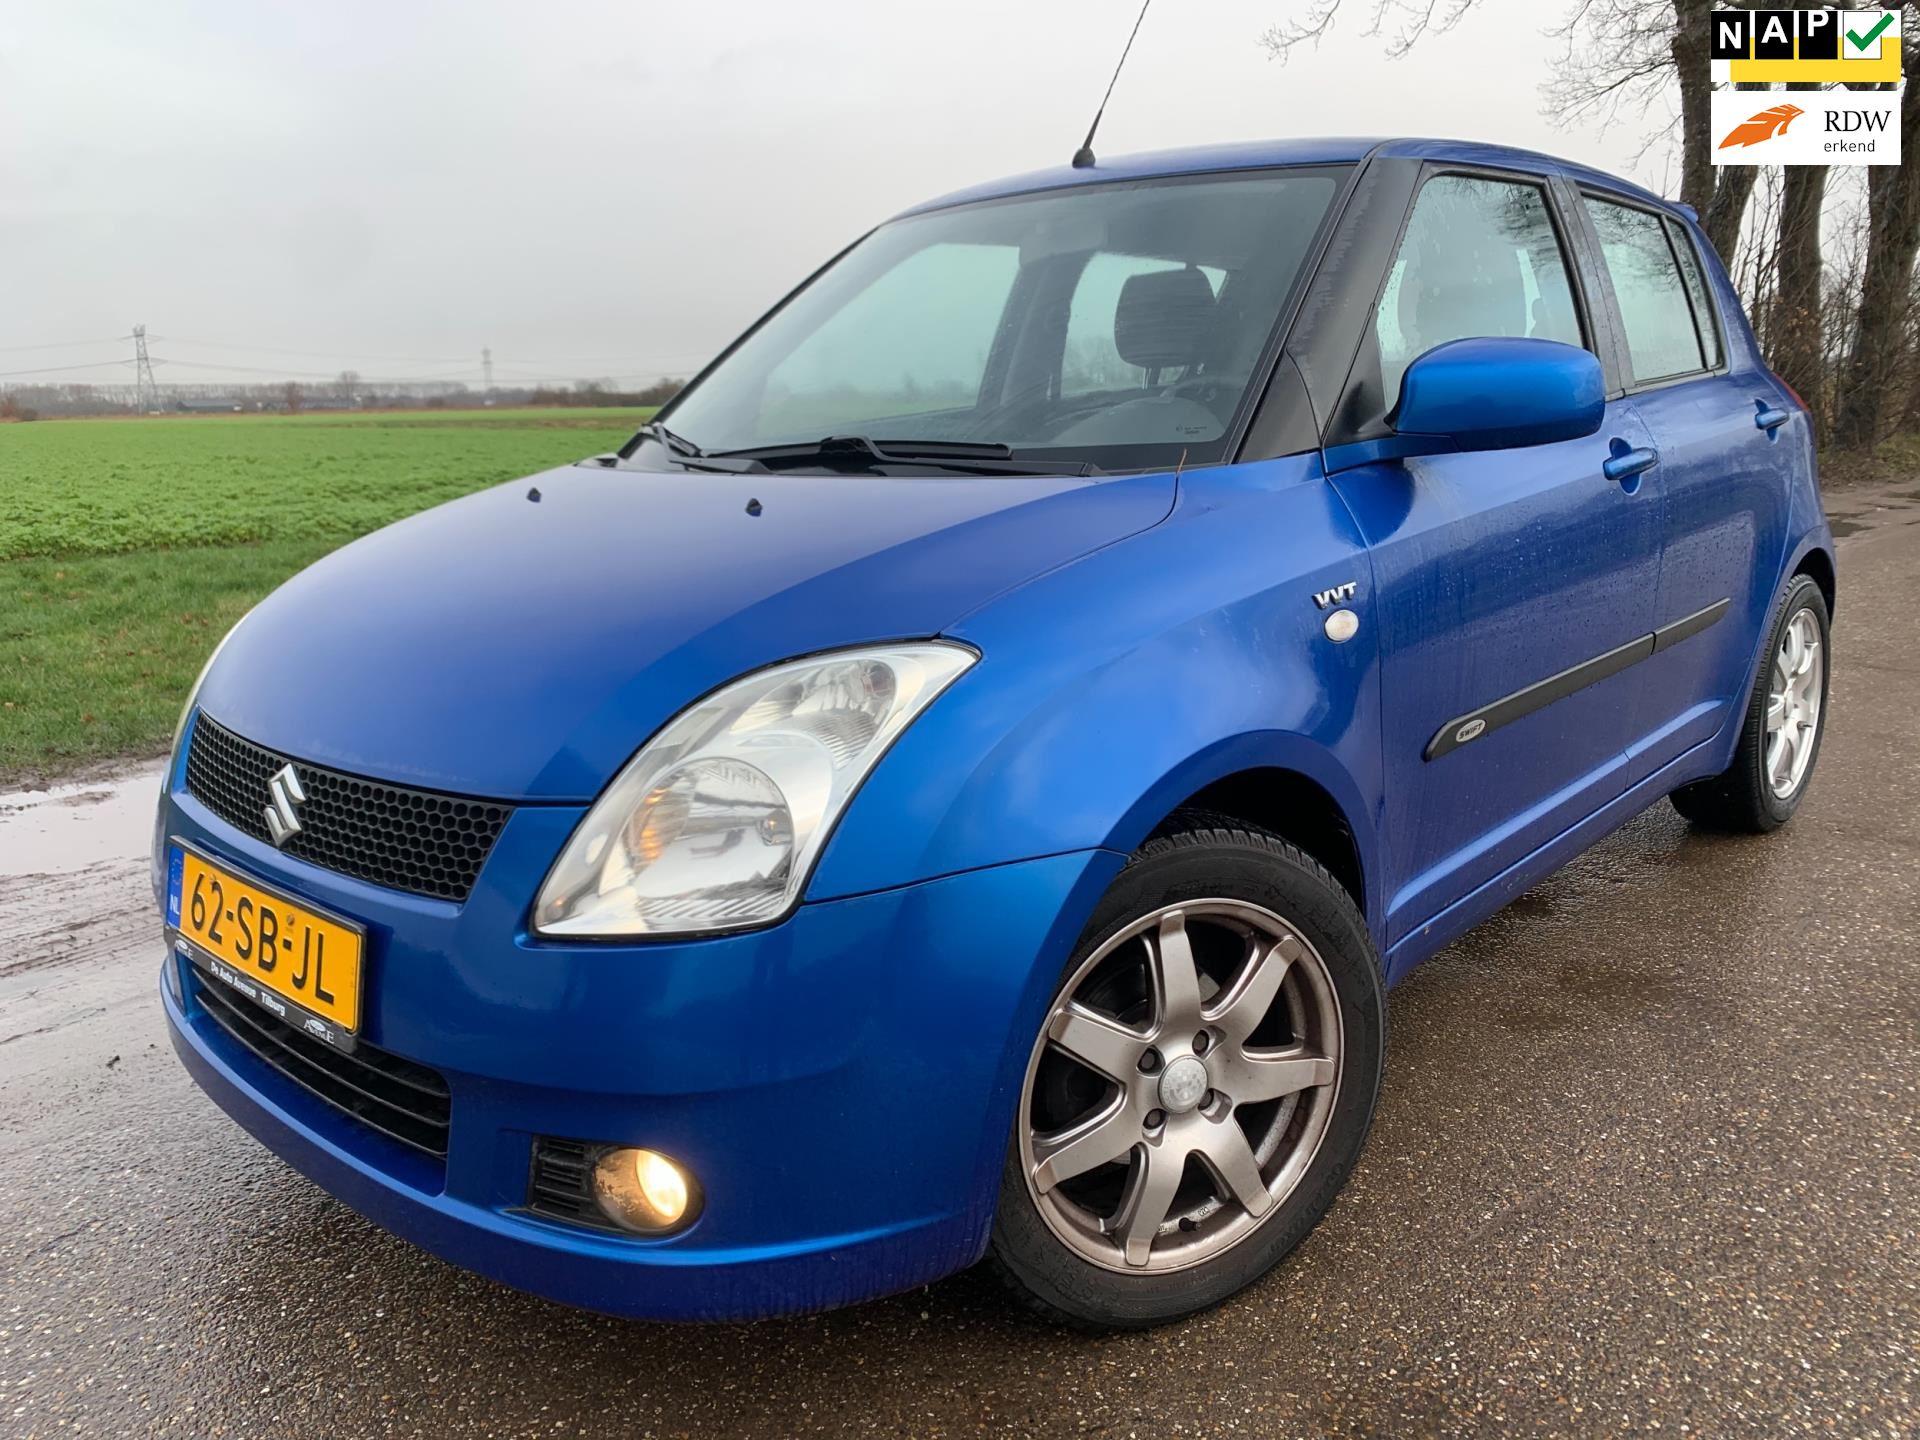 Suzuki Swift occasion - Van der Made Auto's